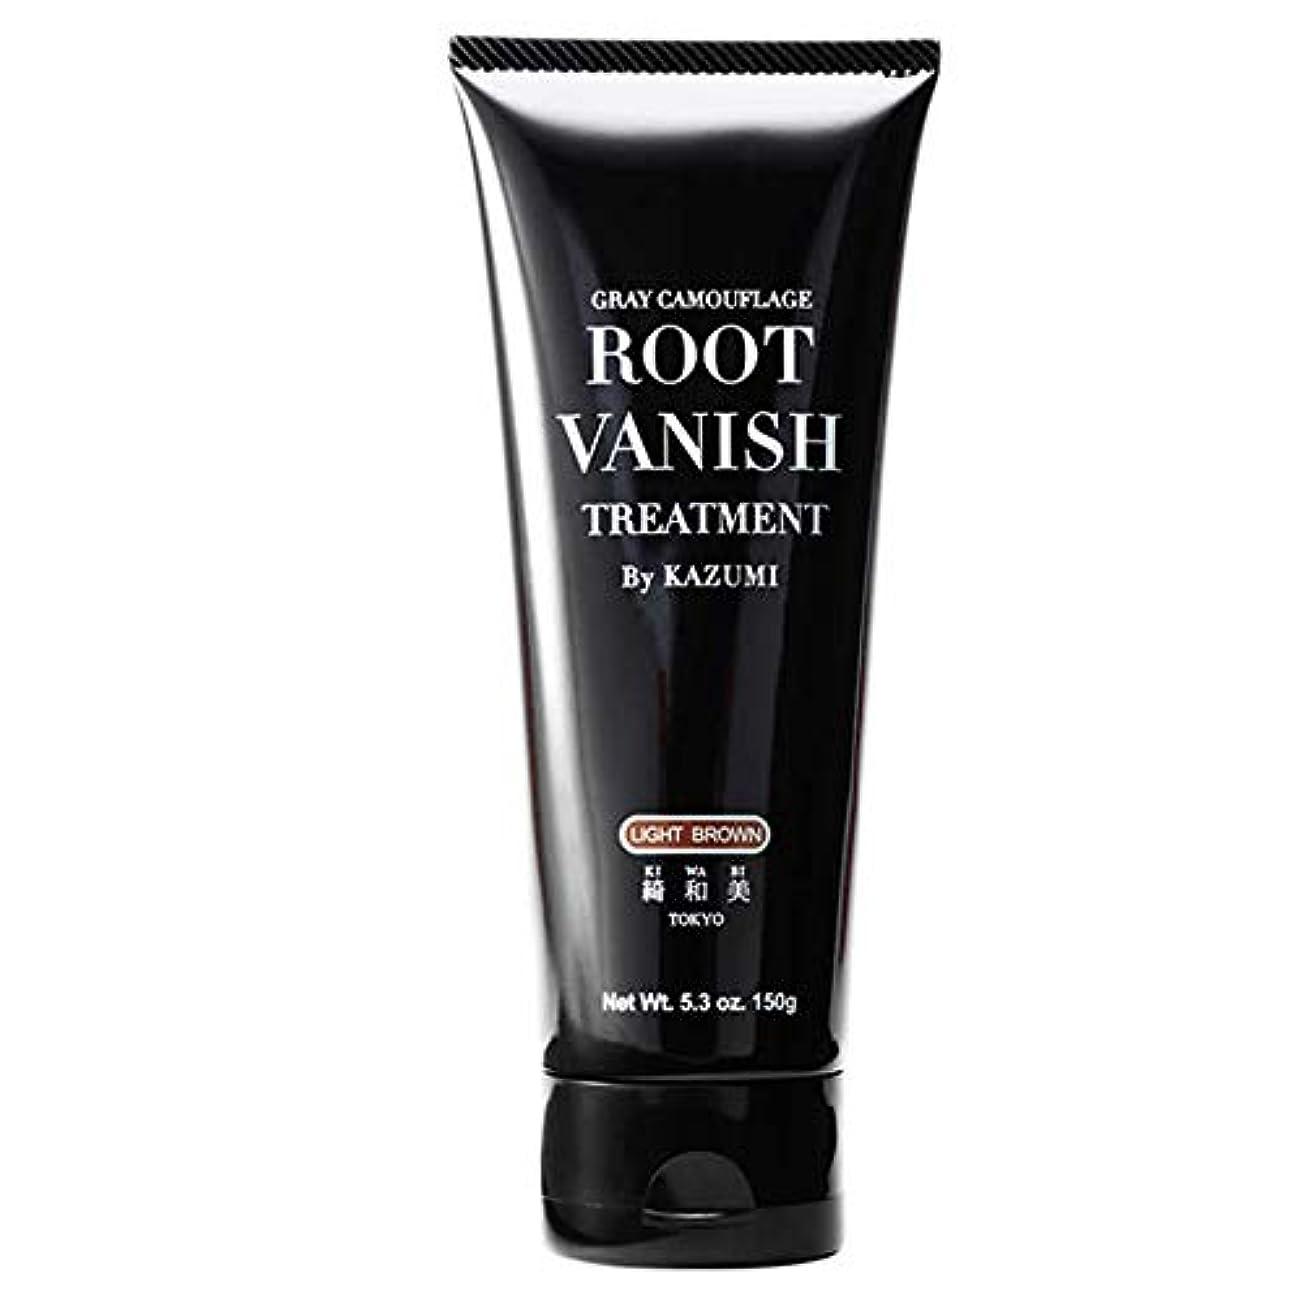 ためらうナチュラ煙突Root Vanish 白髪染め (ライトブラウン) ヘアカラートリートメント 女性用 [100%天然成分 / 無添加22種類の植物エキス配合]